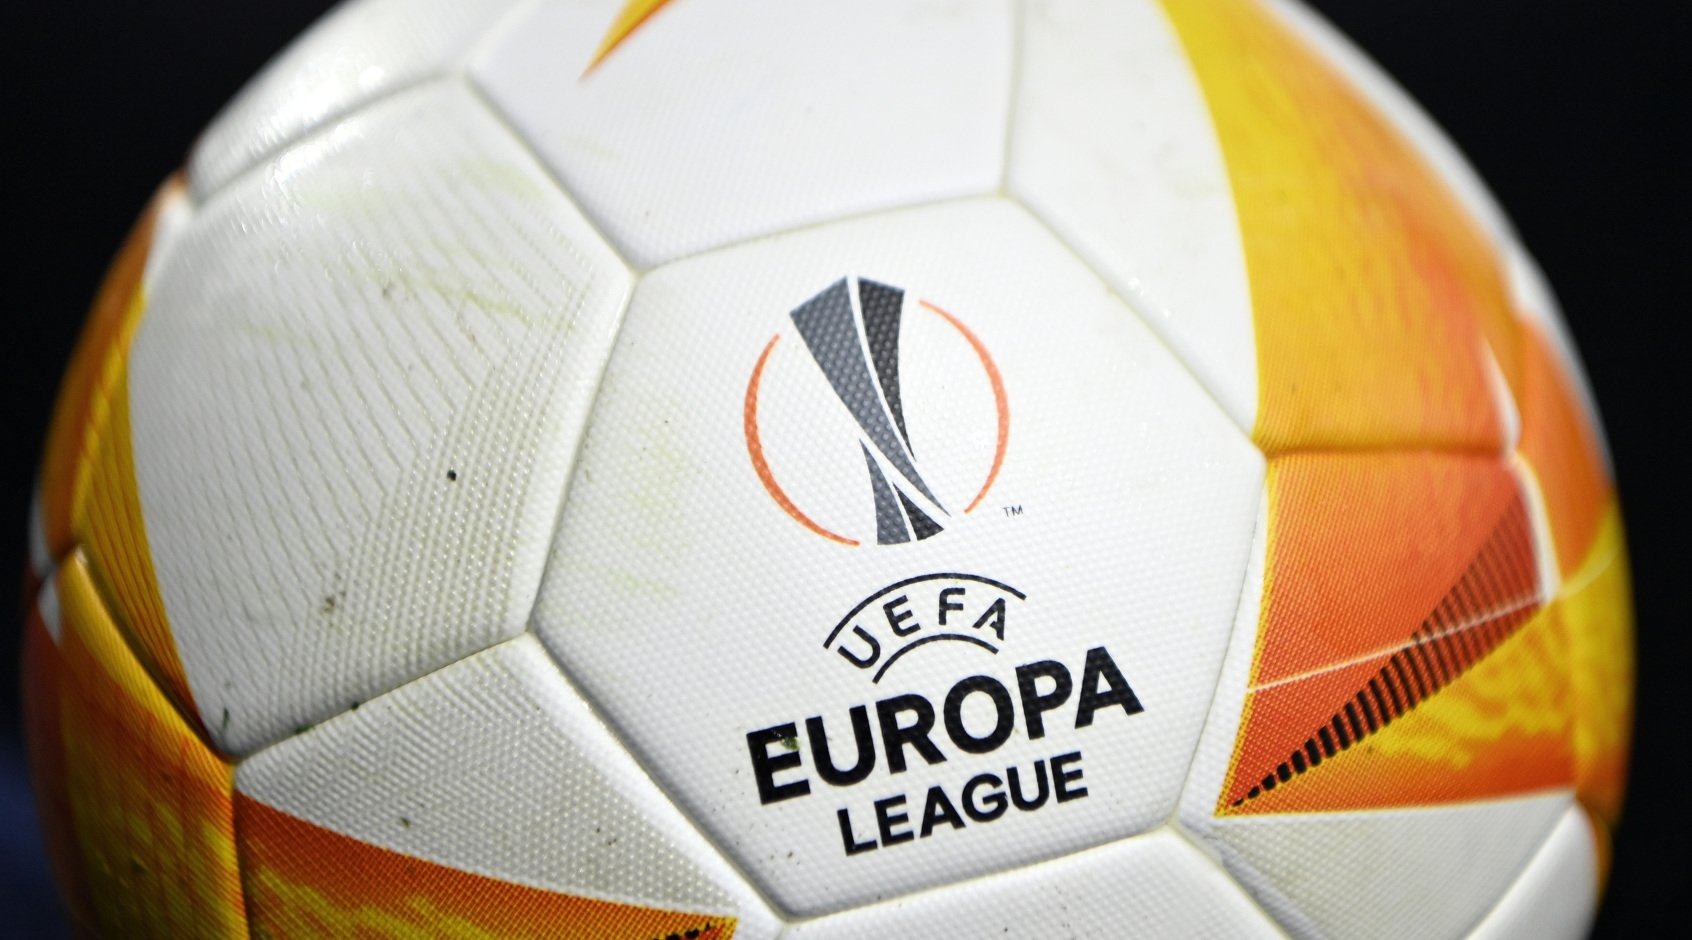 Определились все участники 1/2 финала Лиги Европы